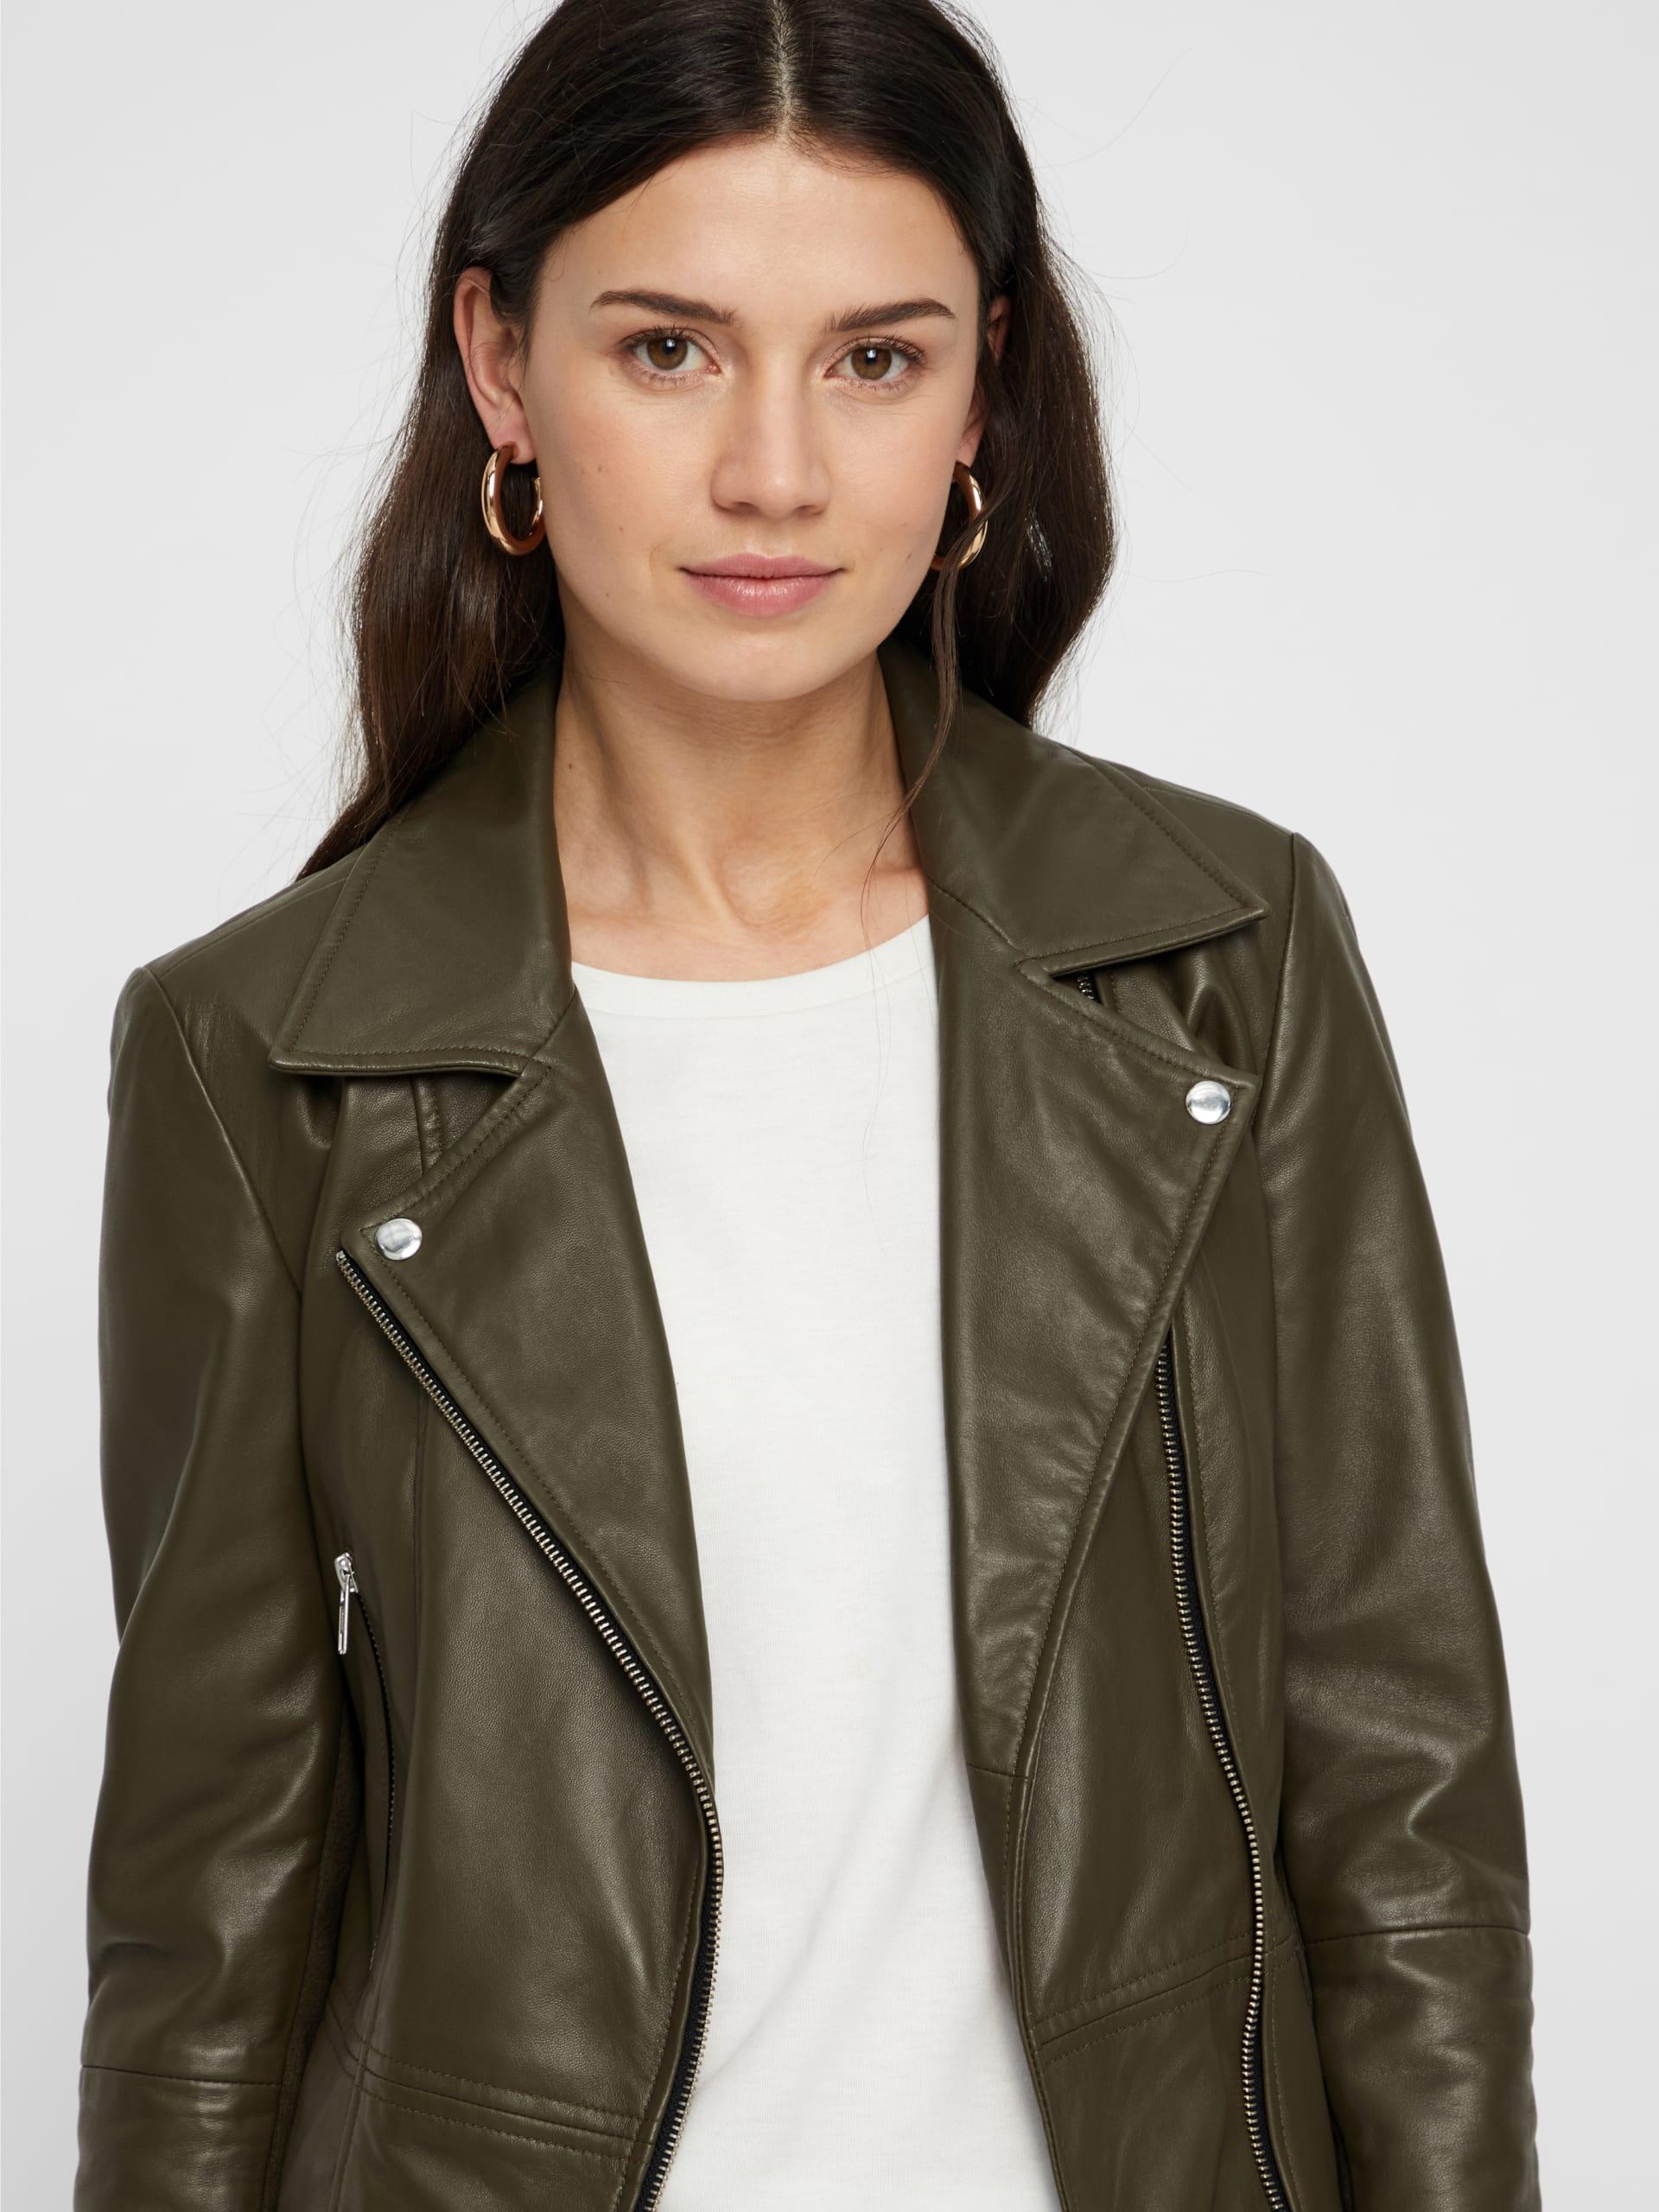 7b8e99d5 Grønn skinnjakke dame, skinnjakke fra YAS, biker skinnjakke, kort jakke.